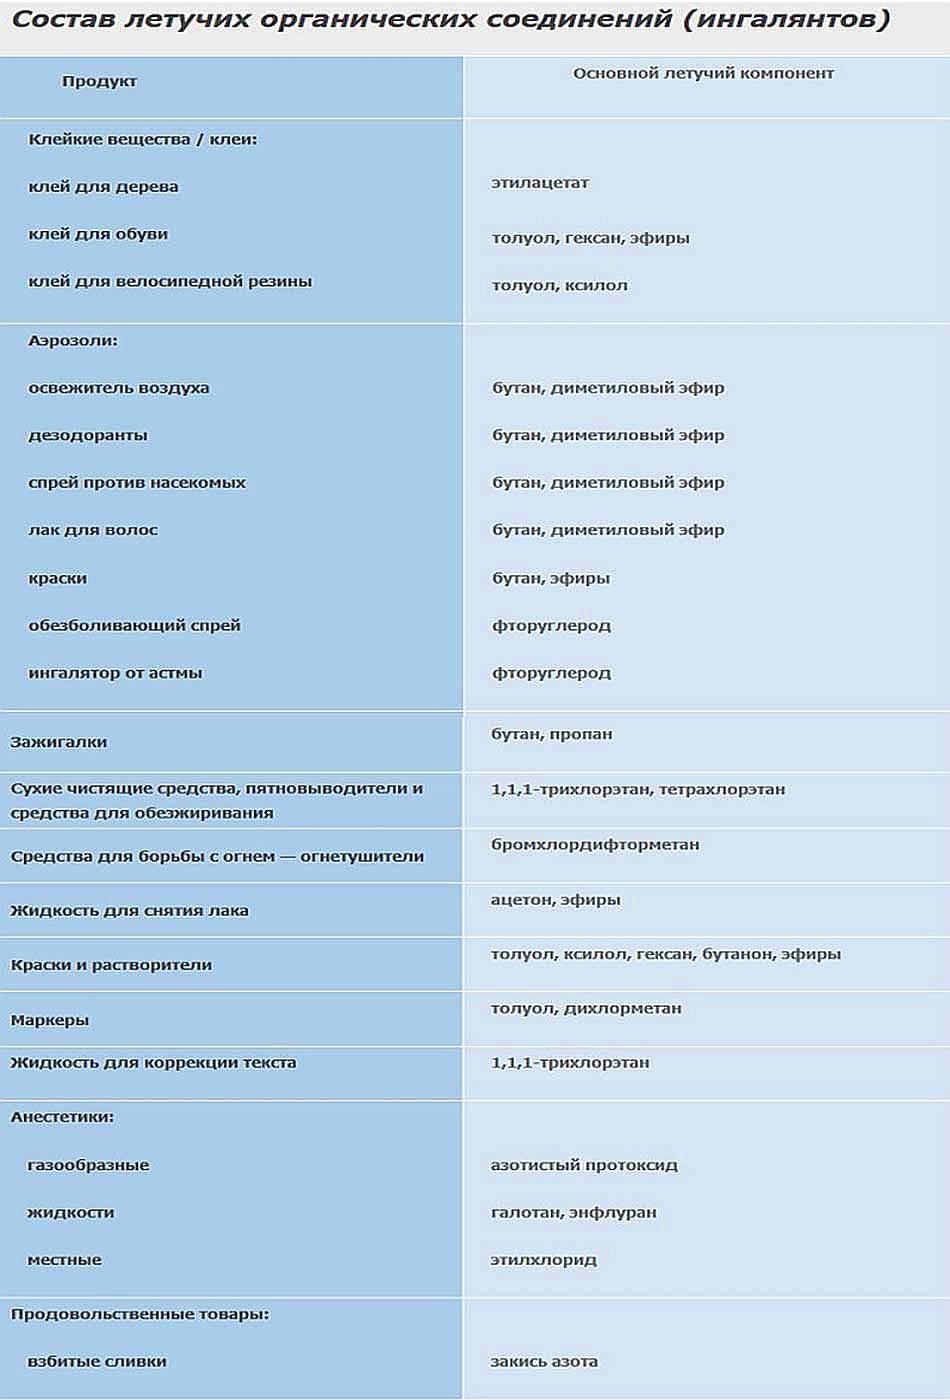 Химический состав летучих органических соединений